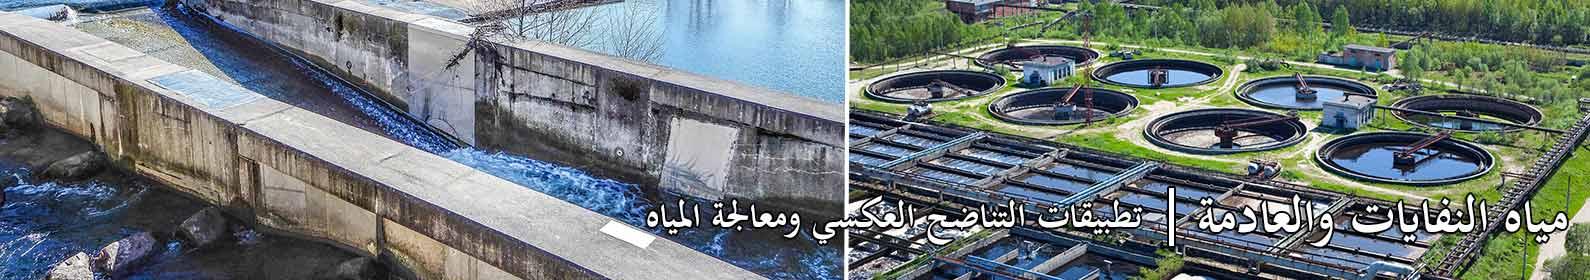 -wastewater-industry.jpg